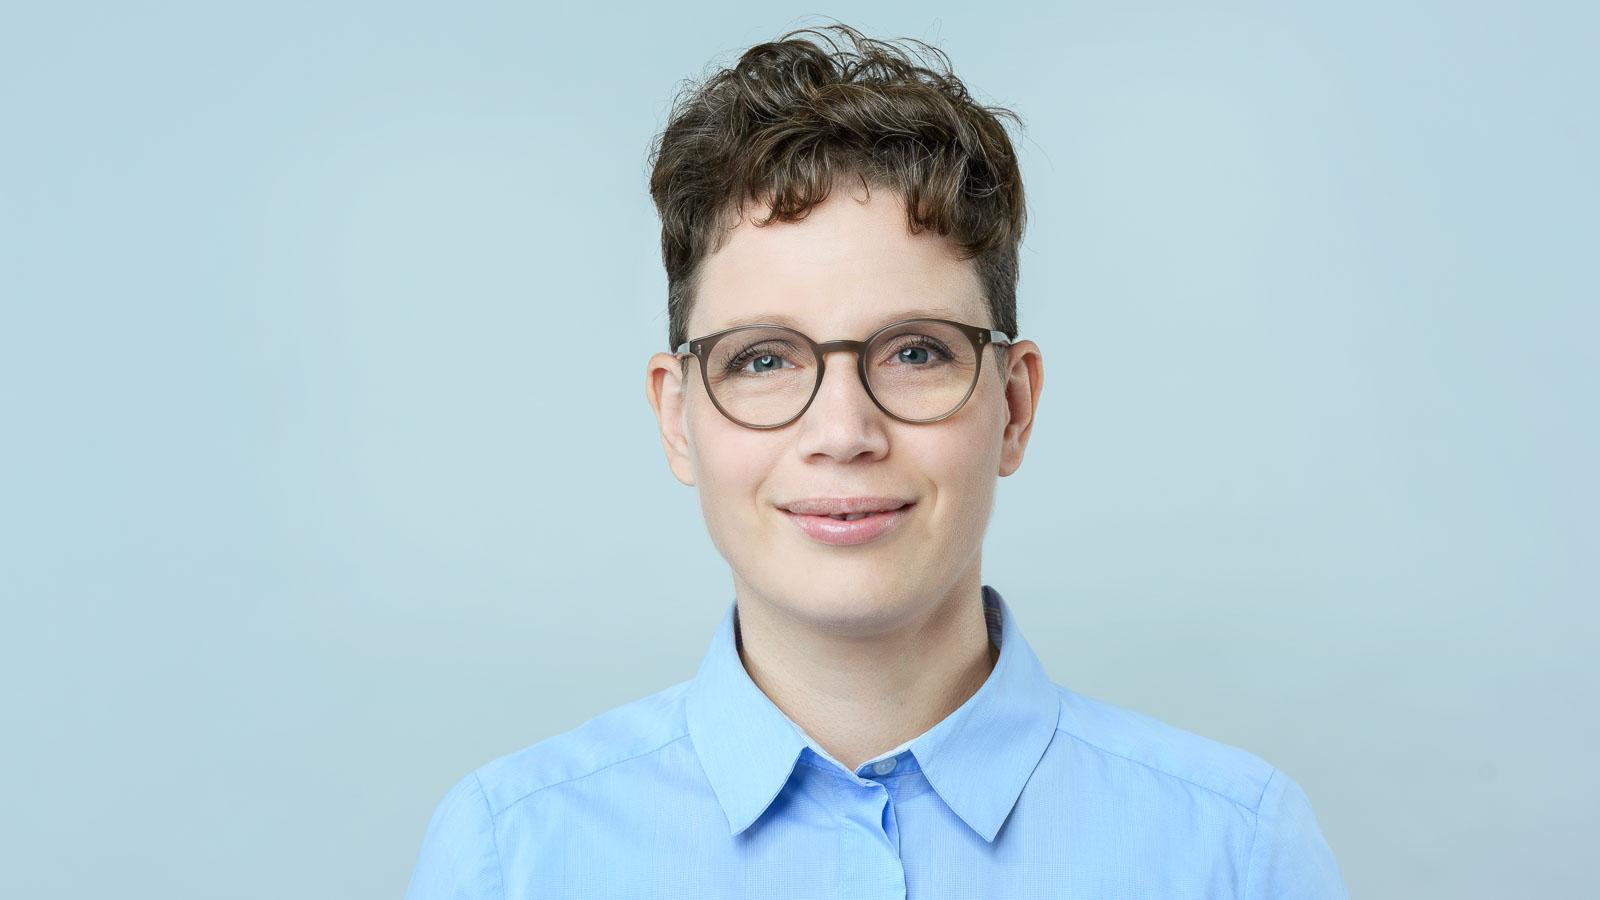 Stephanie Fasnacht